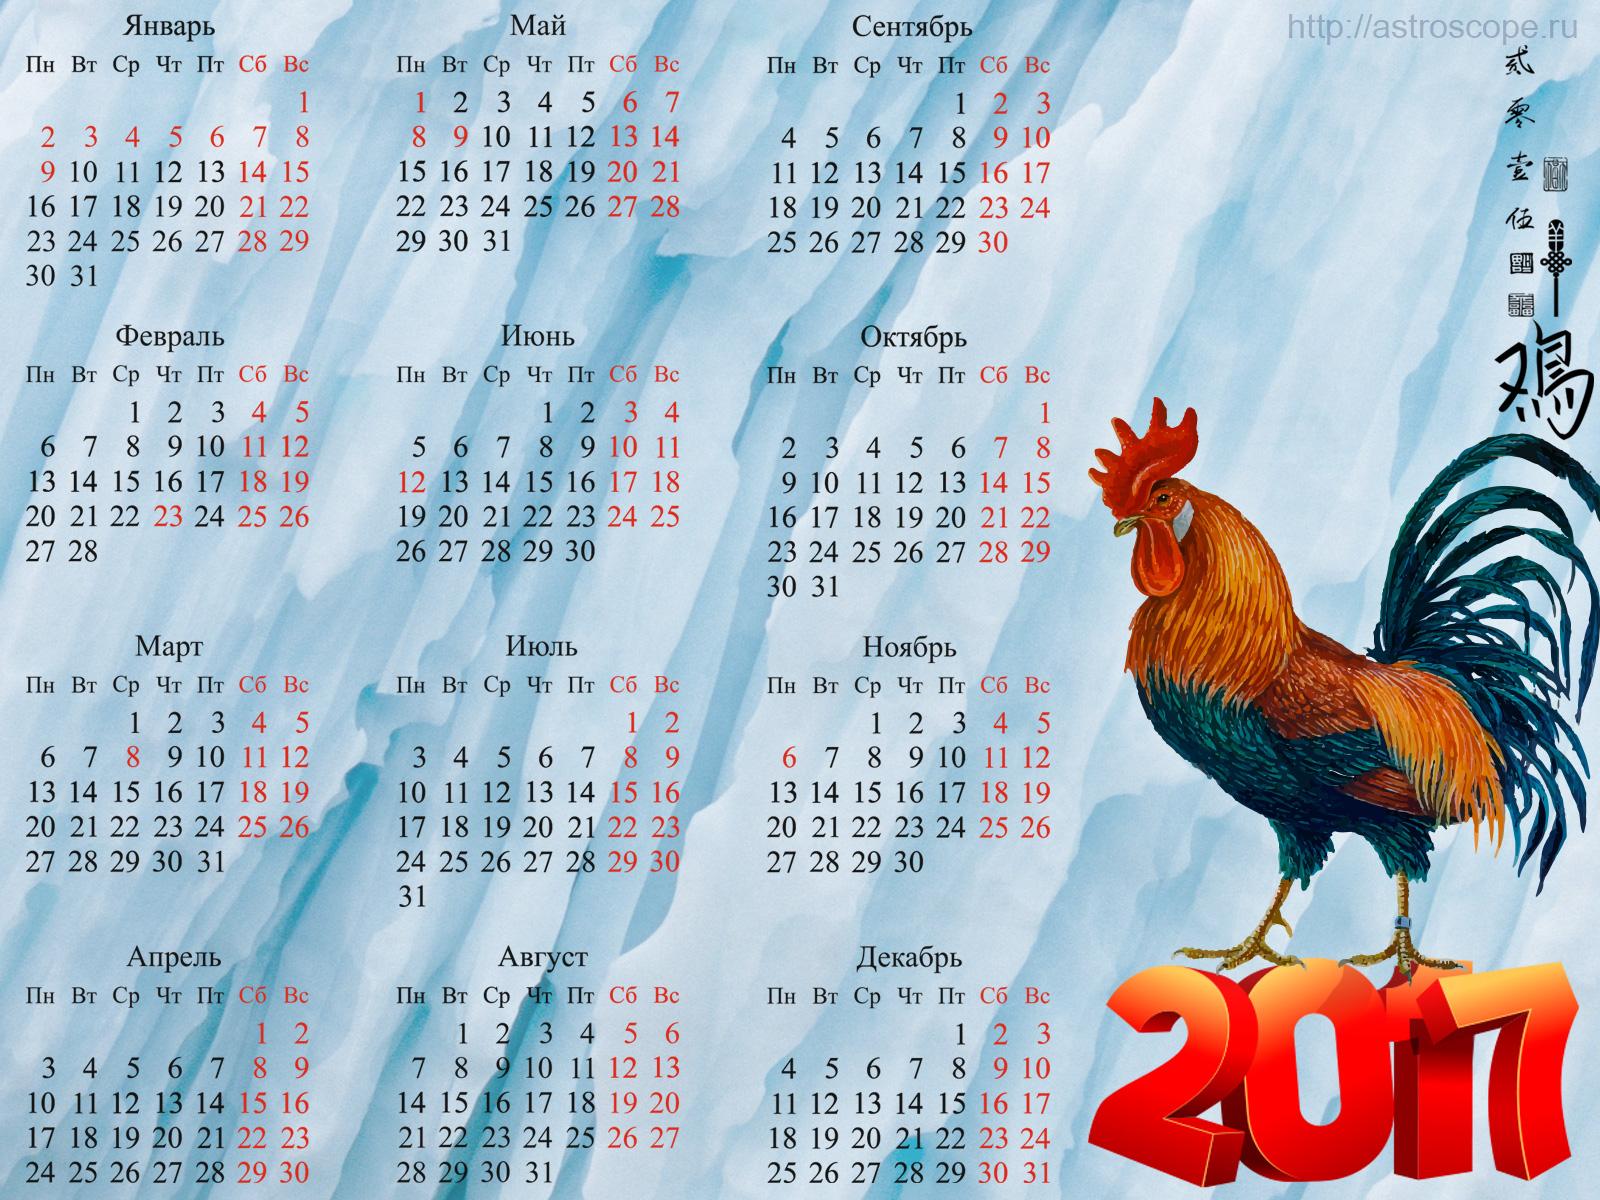 Обои на рабочий стол производственный календарь 2017